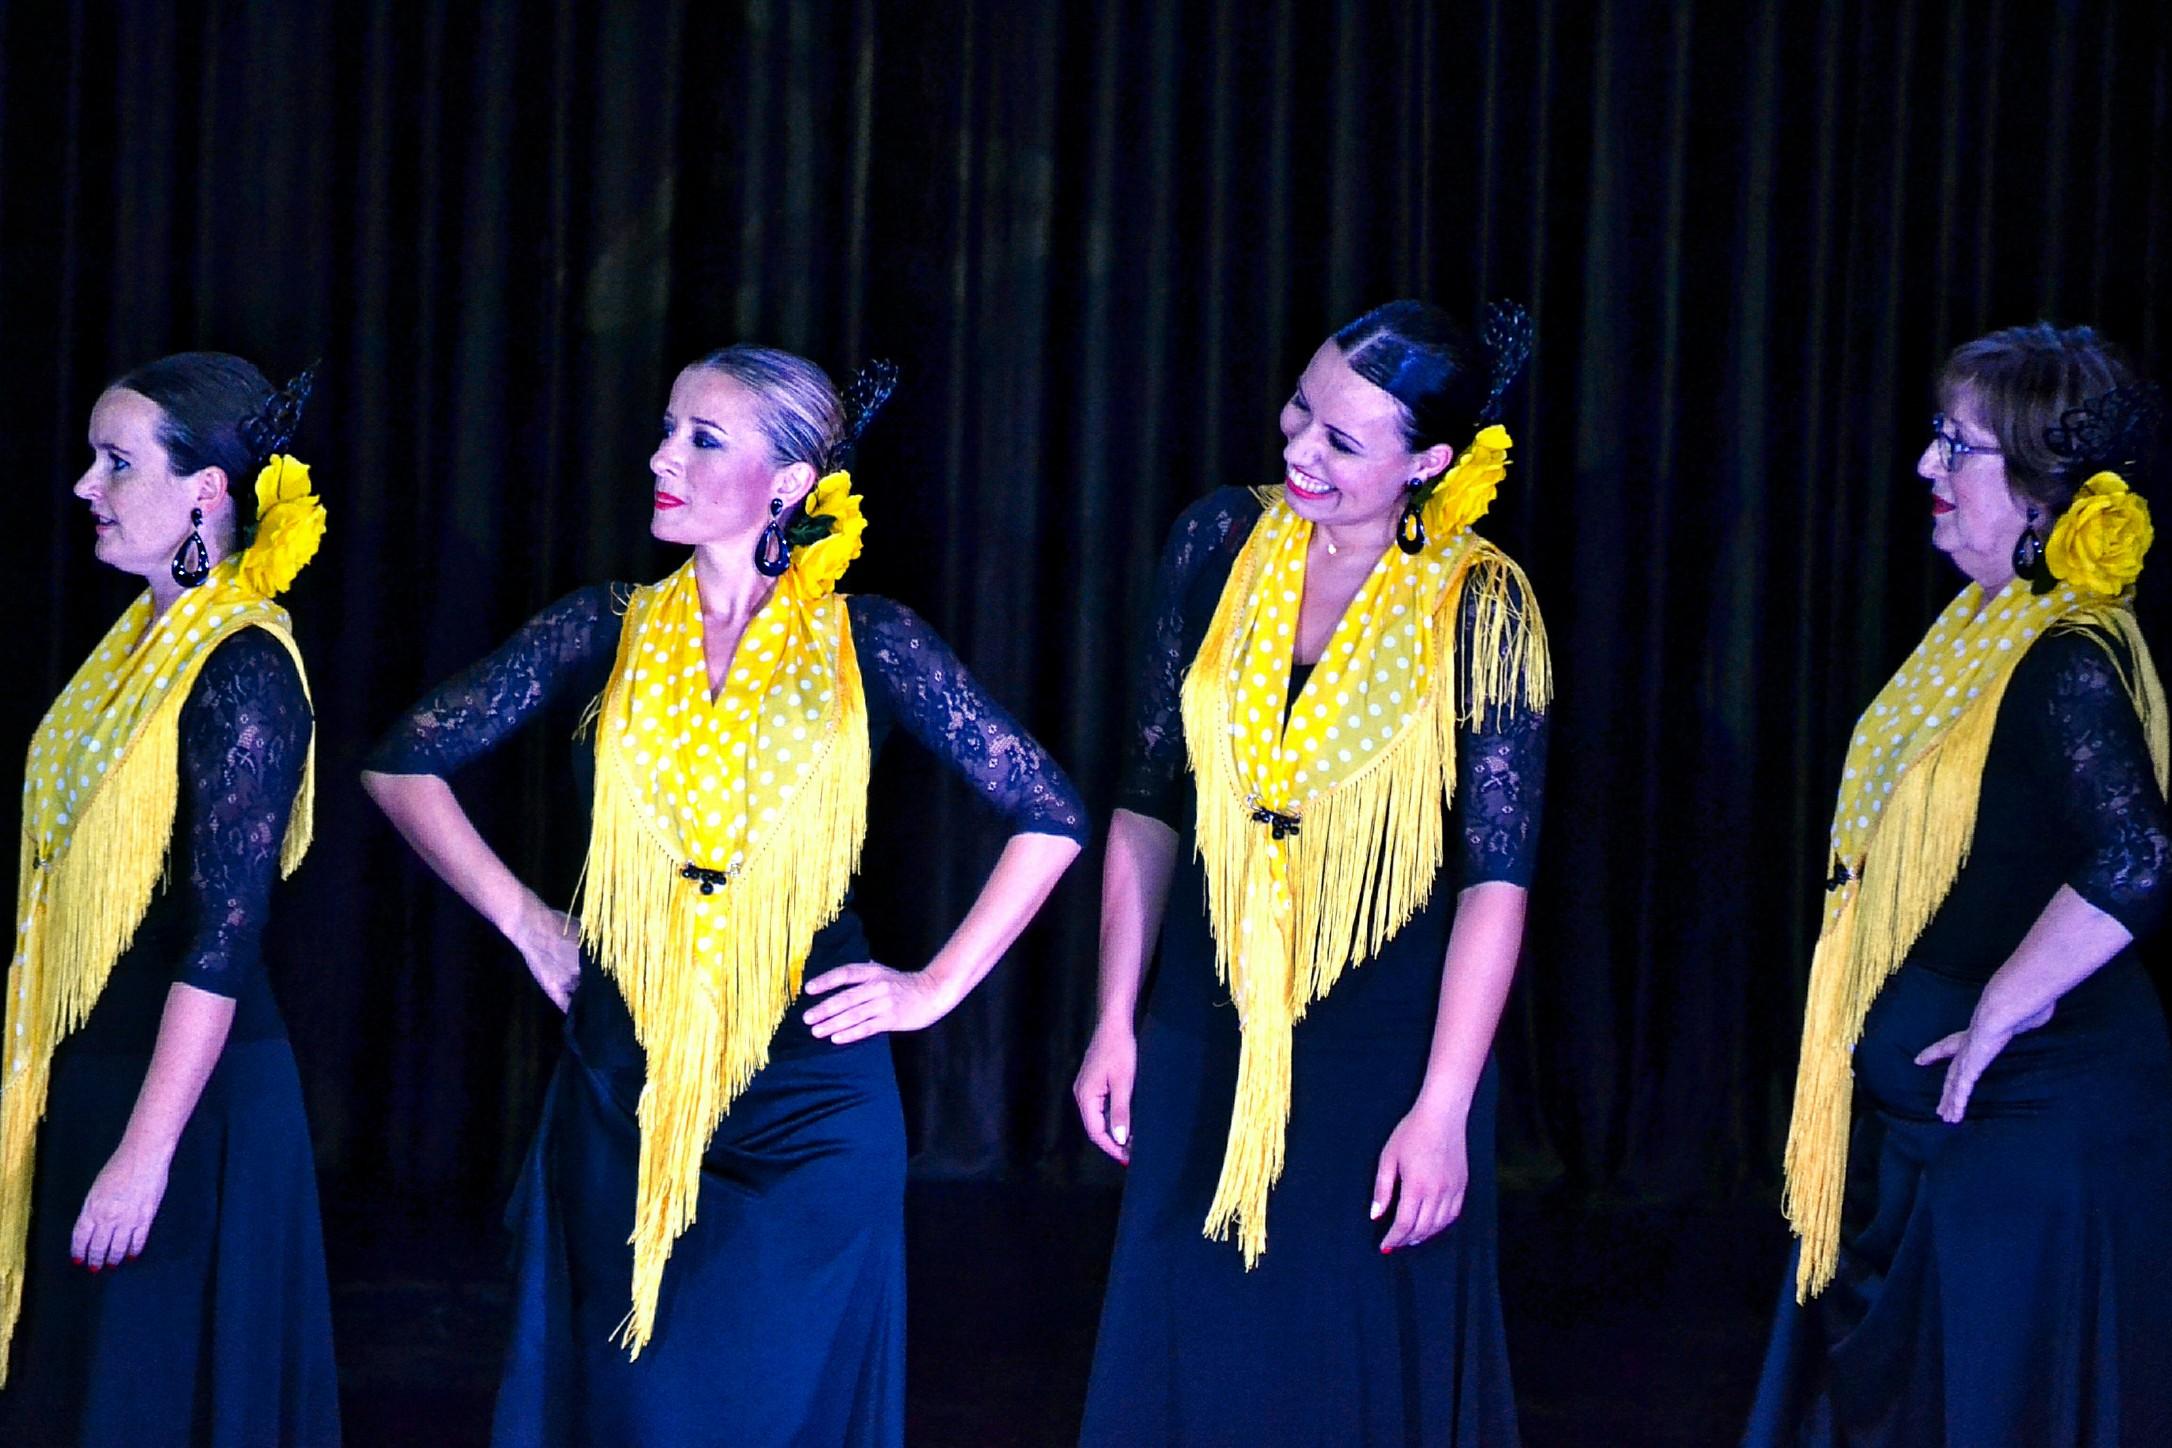 Linea-de-Baile-festival-verano-2015-clases-de-baile-valencia-95